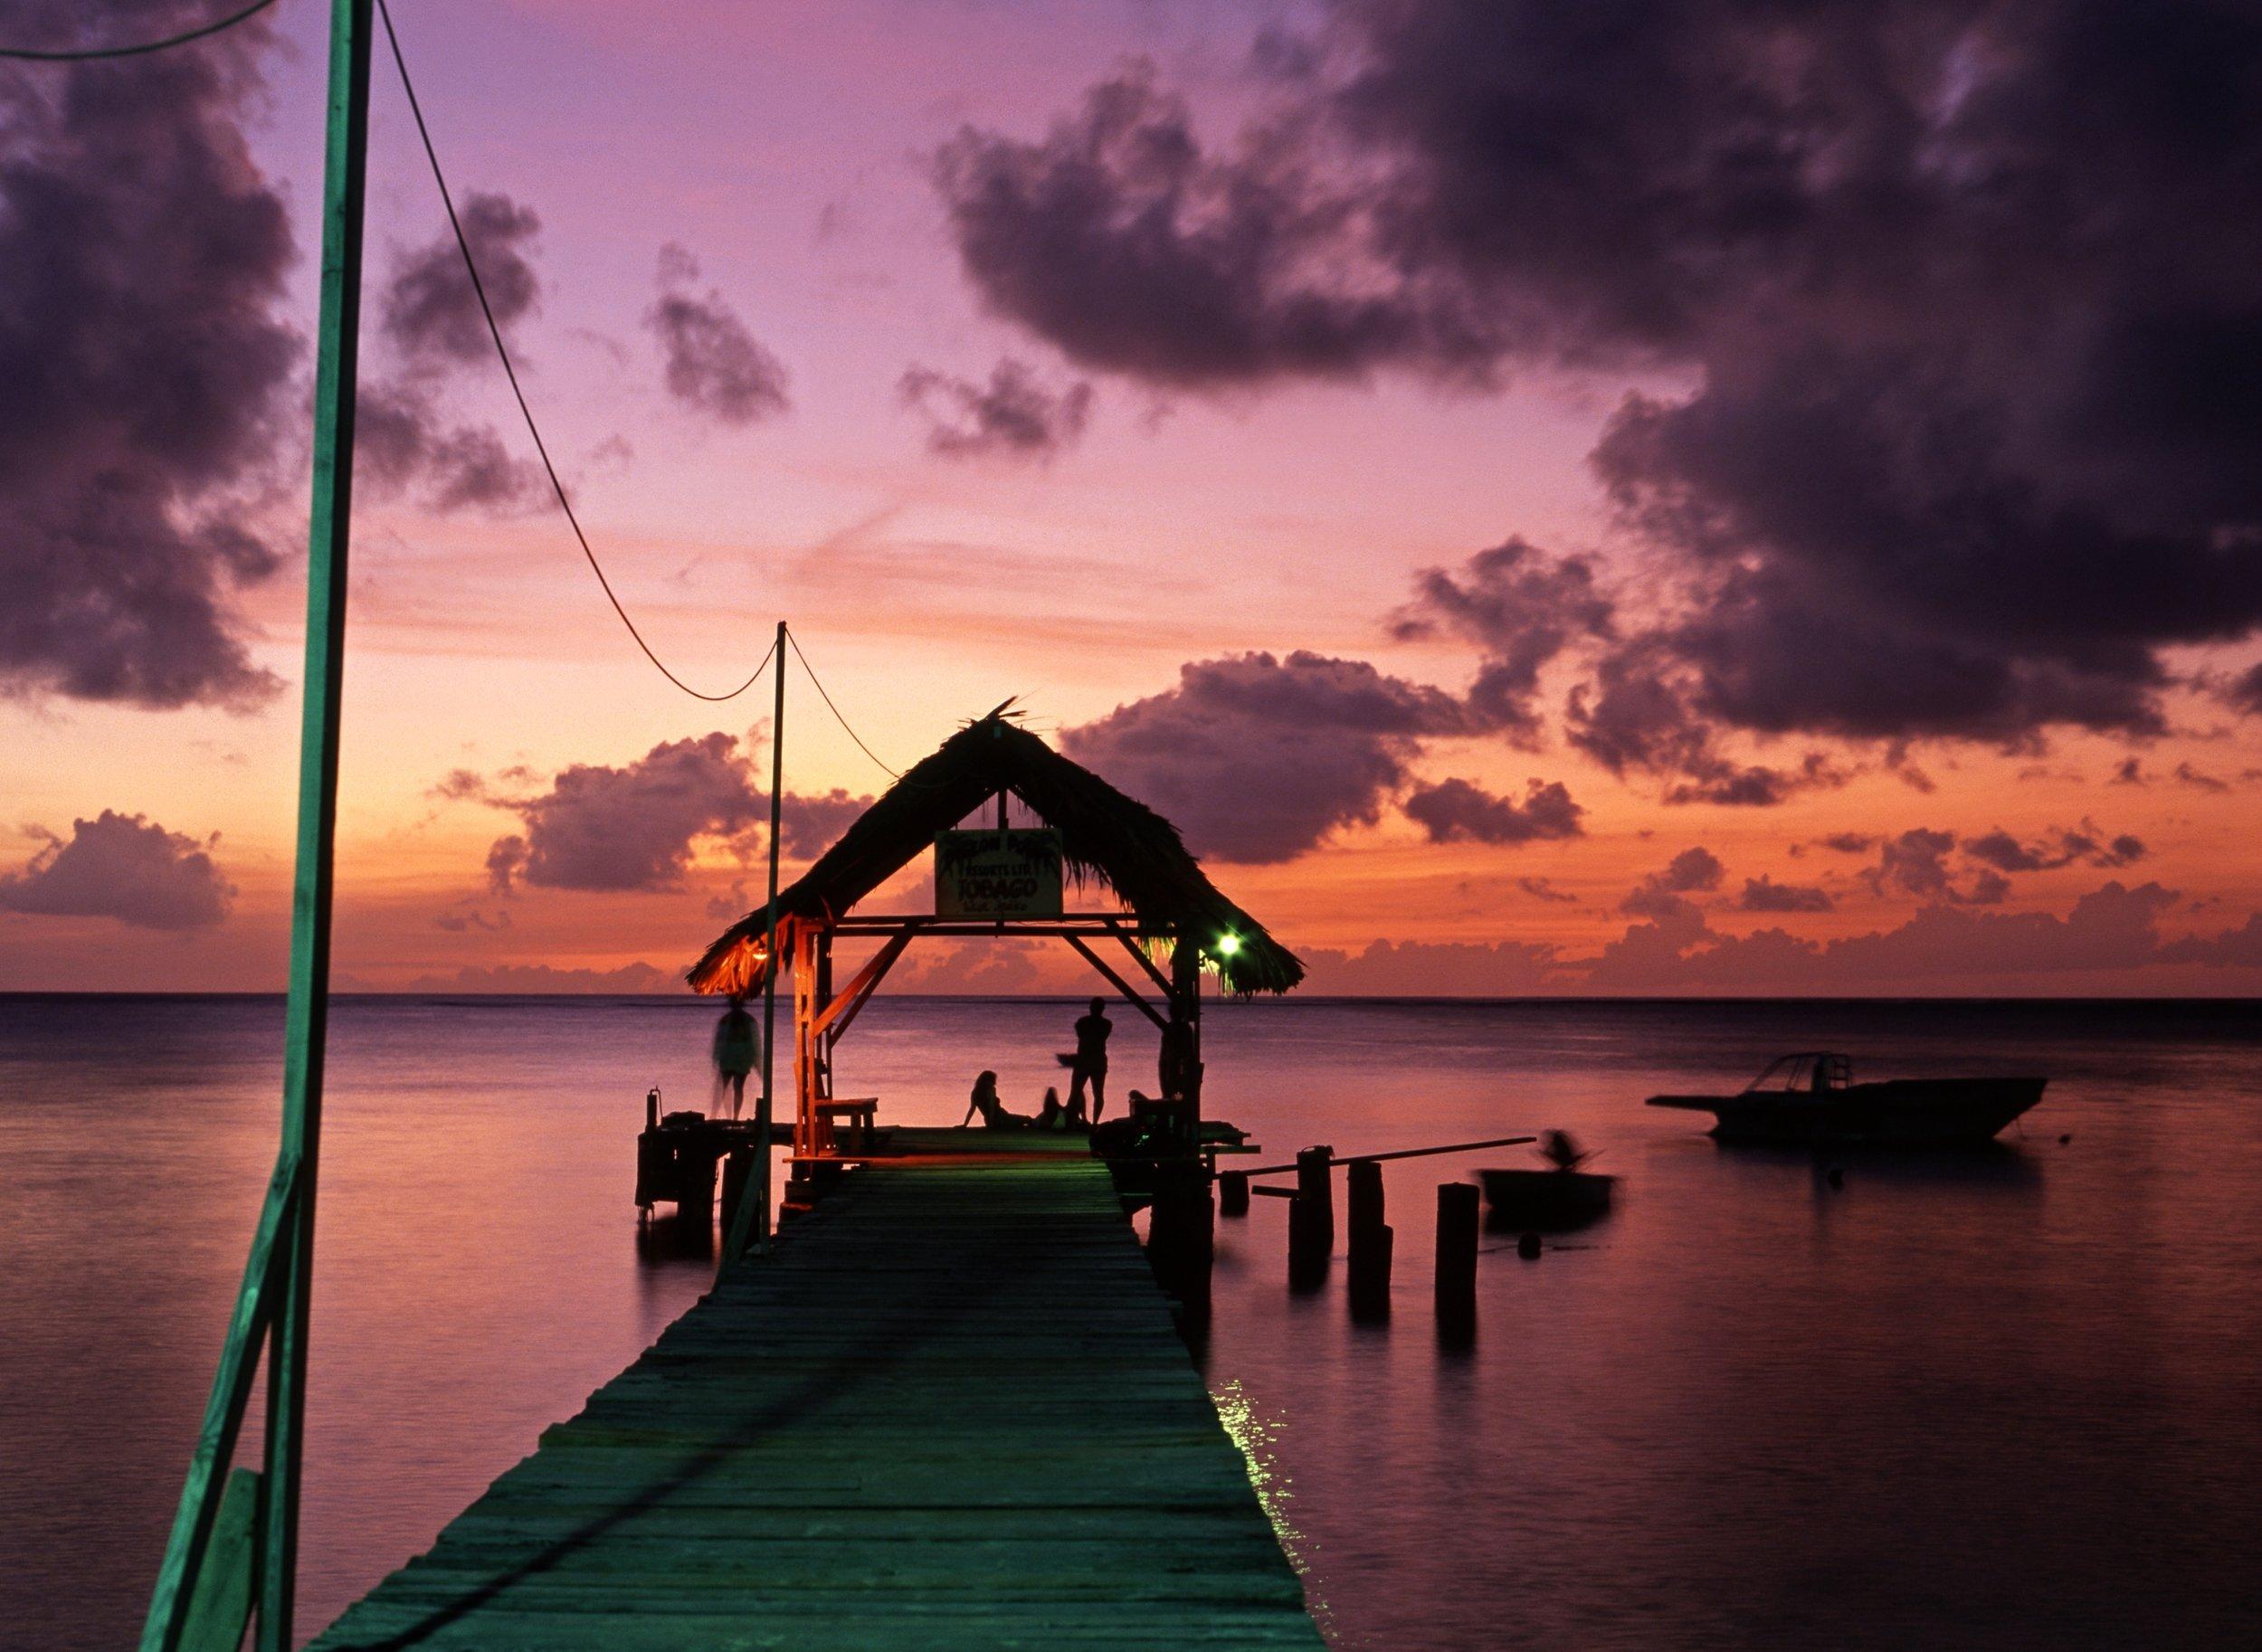 tobago_bigstock-Pigeon-Point-at-sunset-Tobago-40519000.jpg